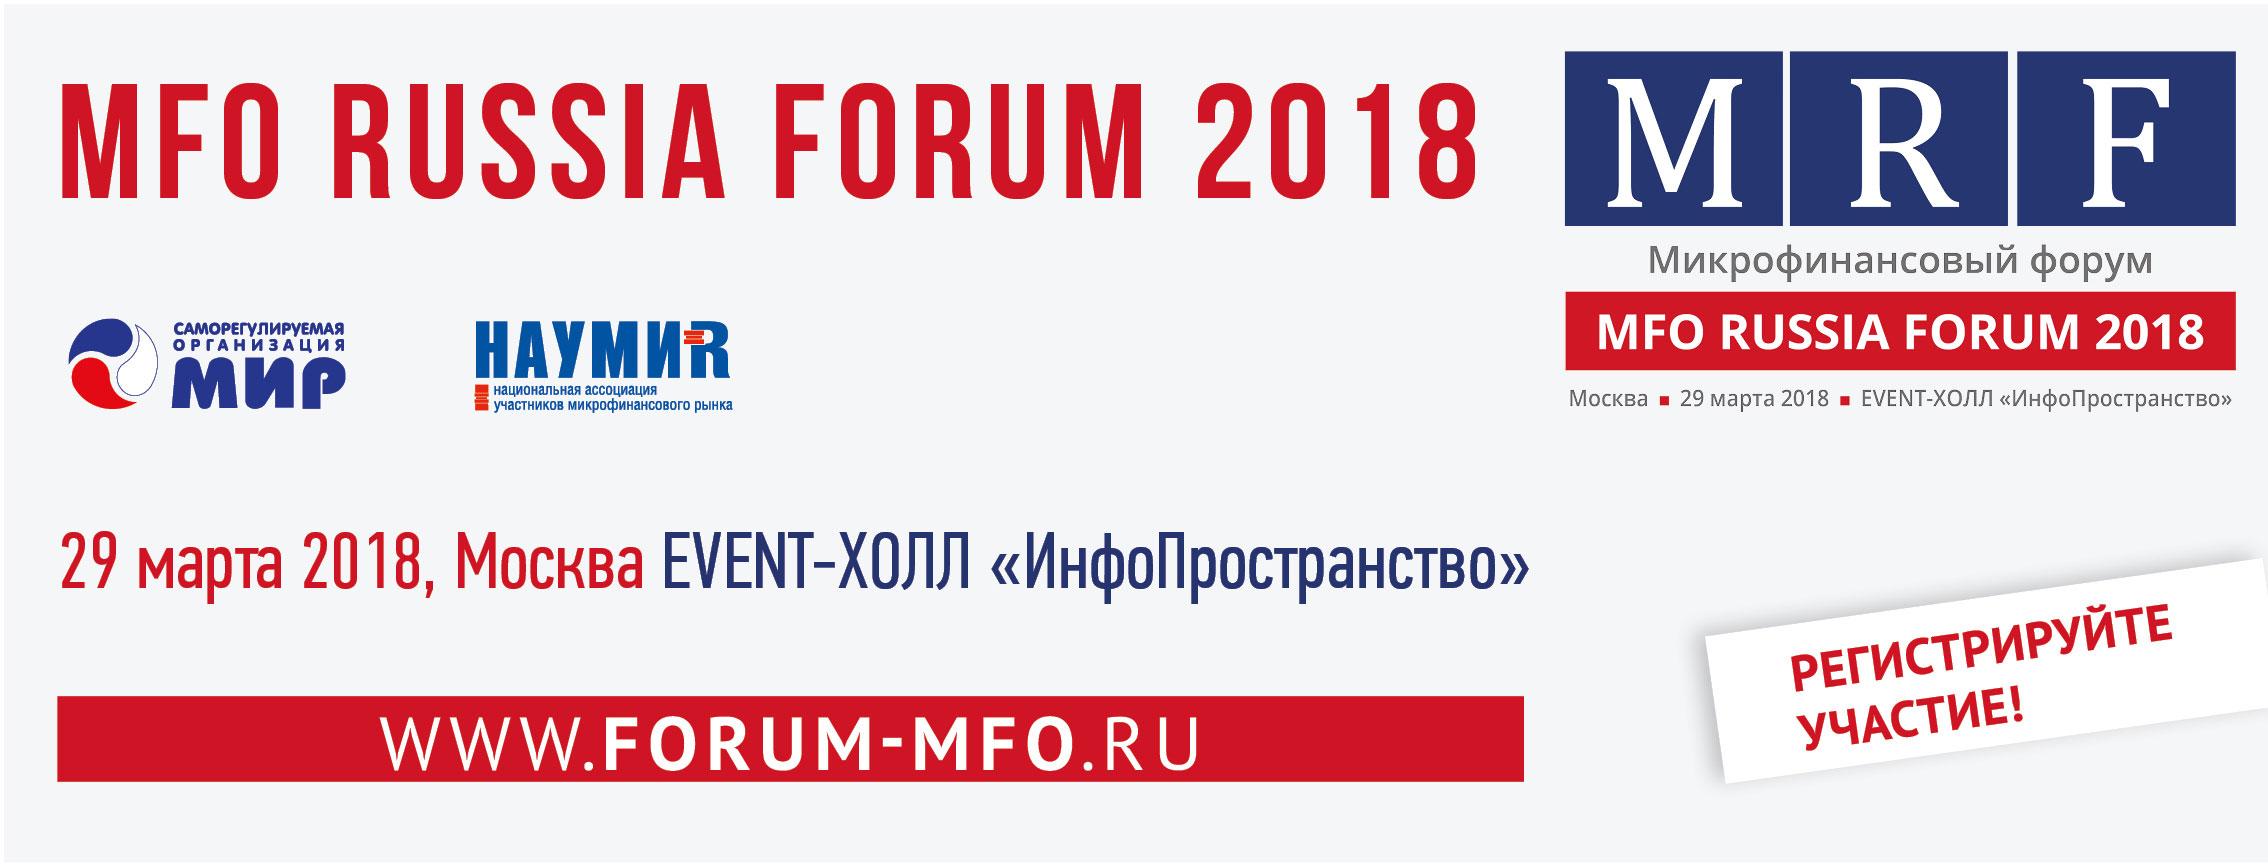 MFO Forum 2018